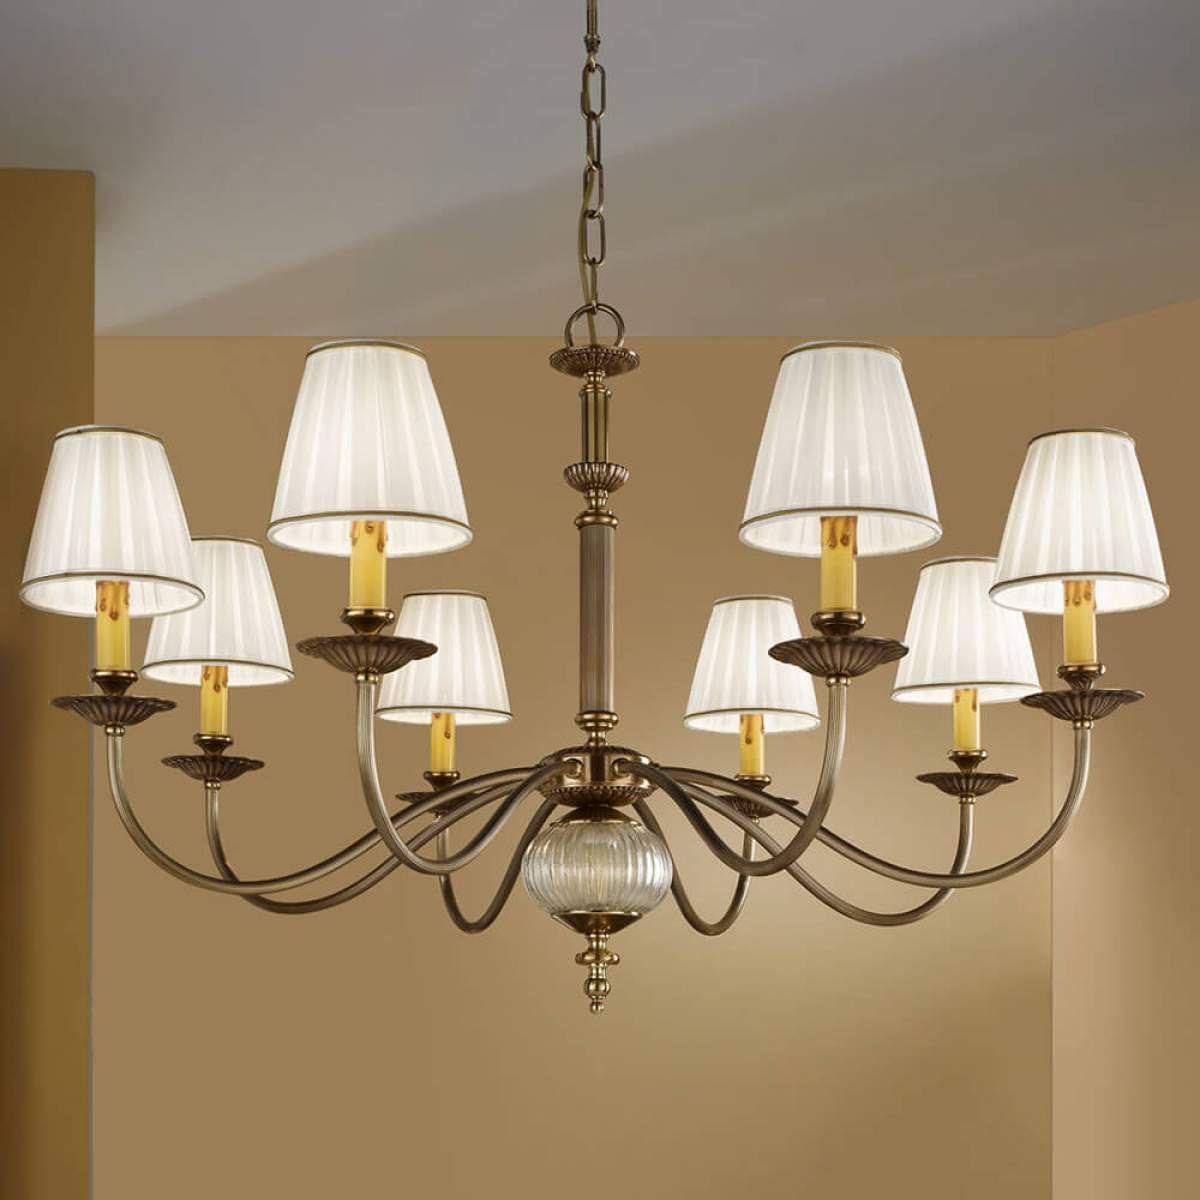 Kronleuchter Mit Lampenschirmen Moderne Kronlechter Hier: Kronleuchter 8-flammig (mit Bildern